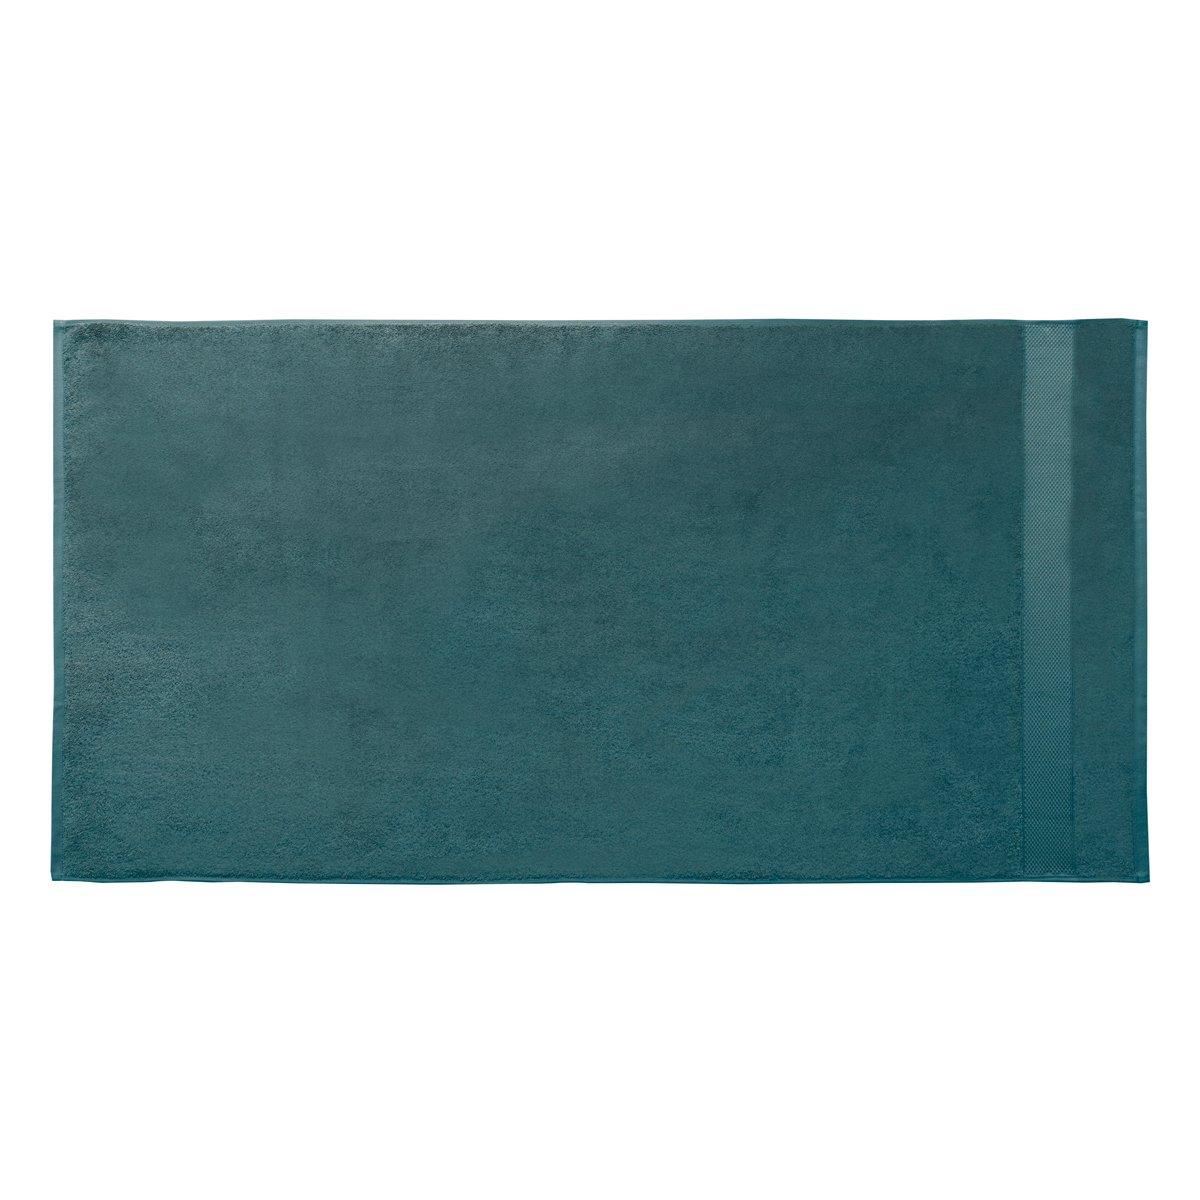 Drap de douche coton 70x140 cm eucalyptus